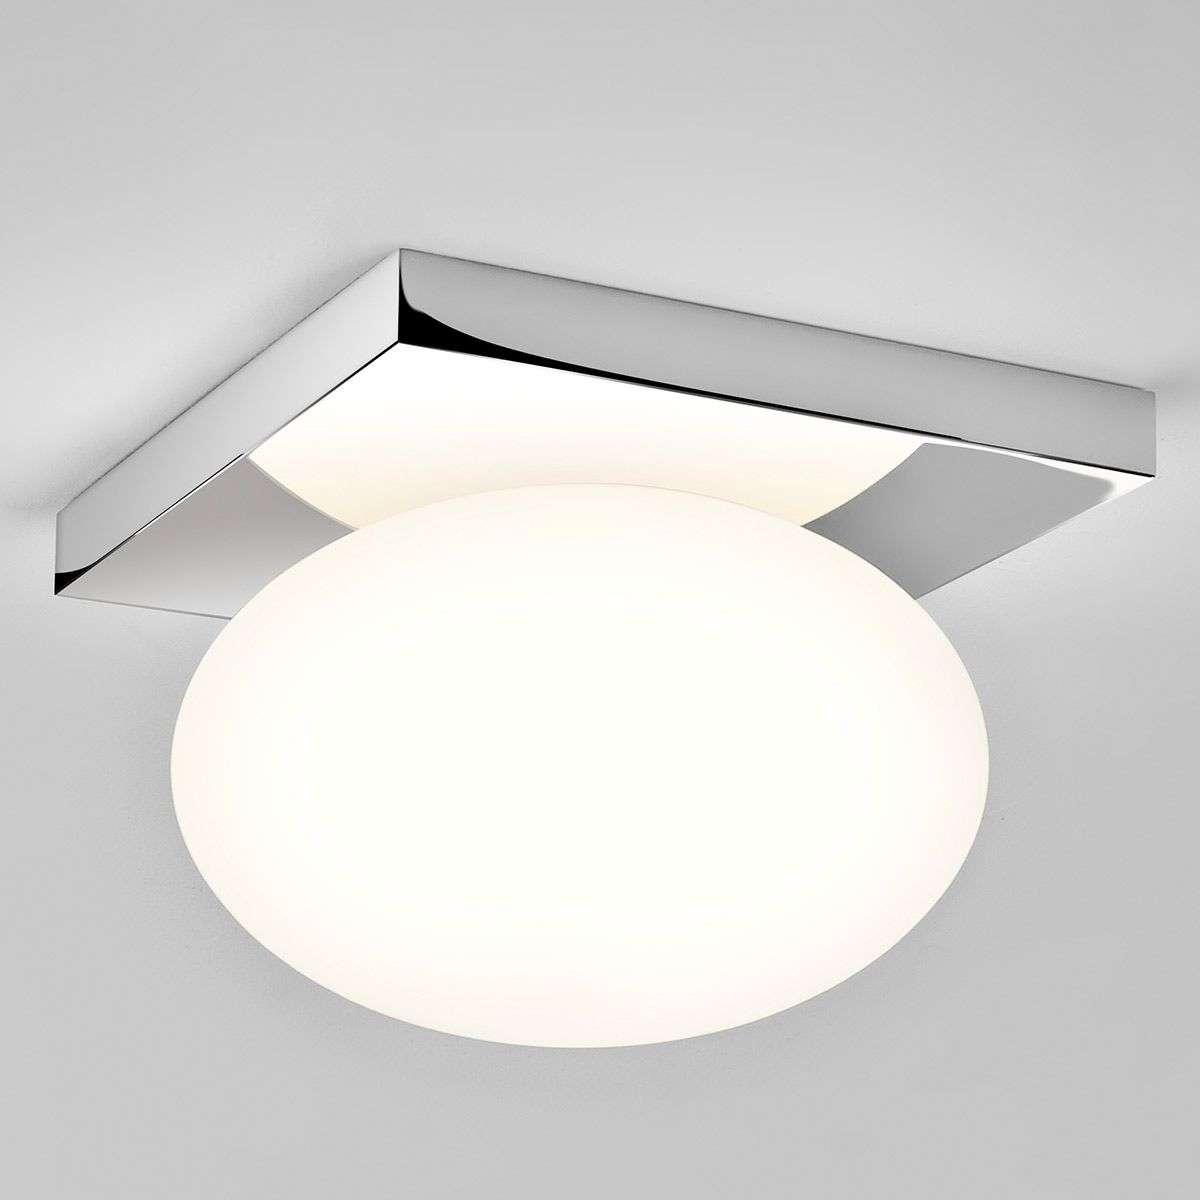 Castiro Ceiling Light Unusual-1020393-32